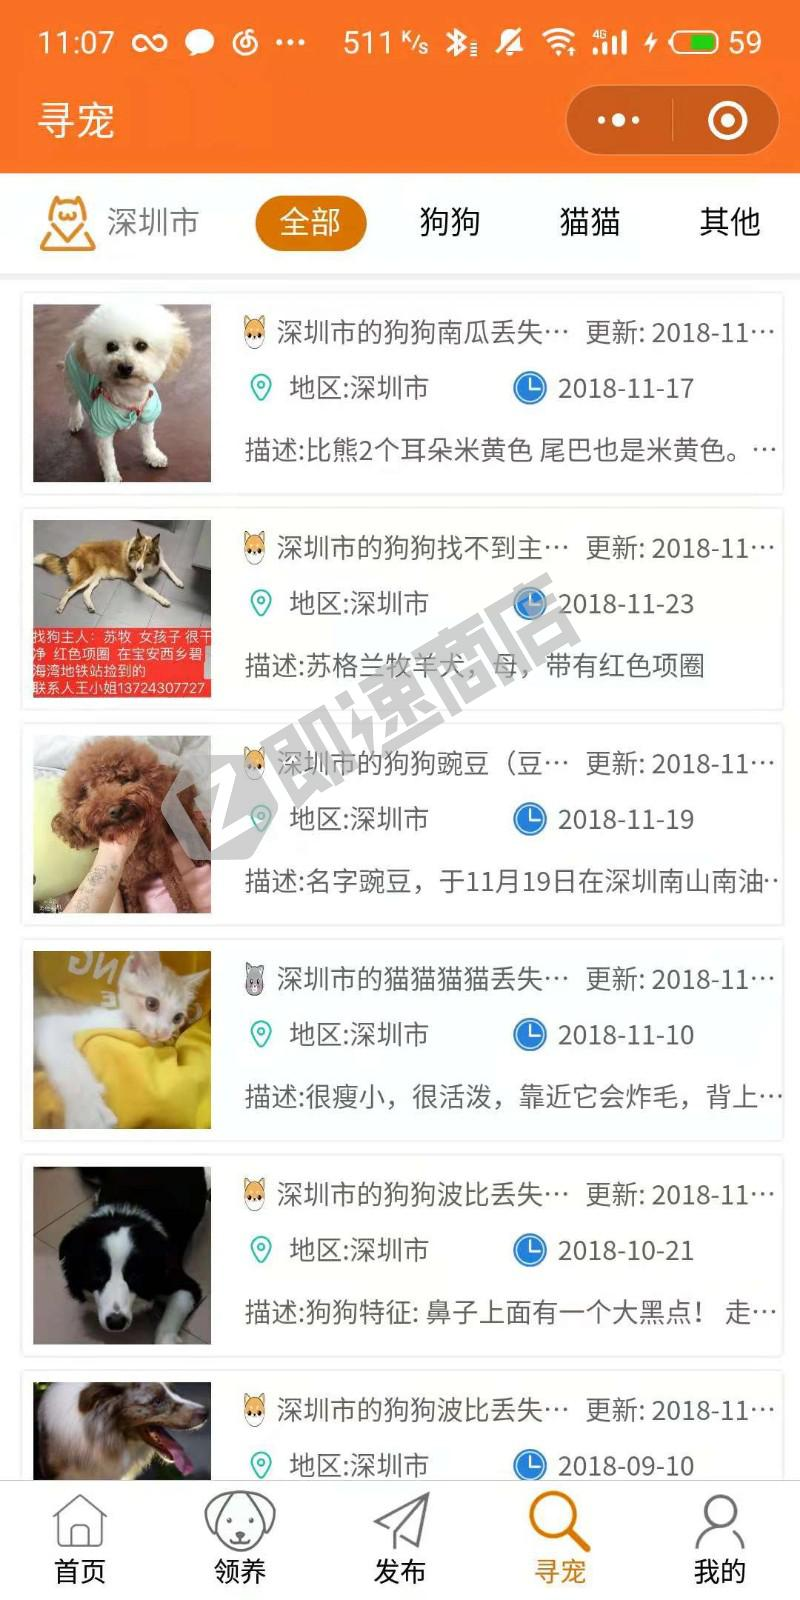 宠物帮领养中心小程序详情页截图